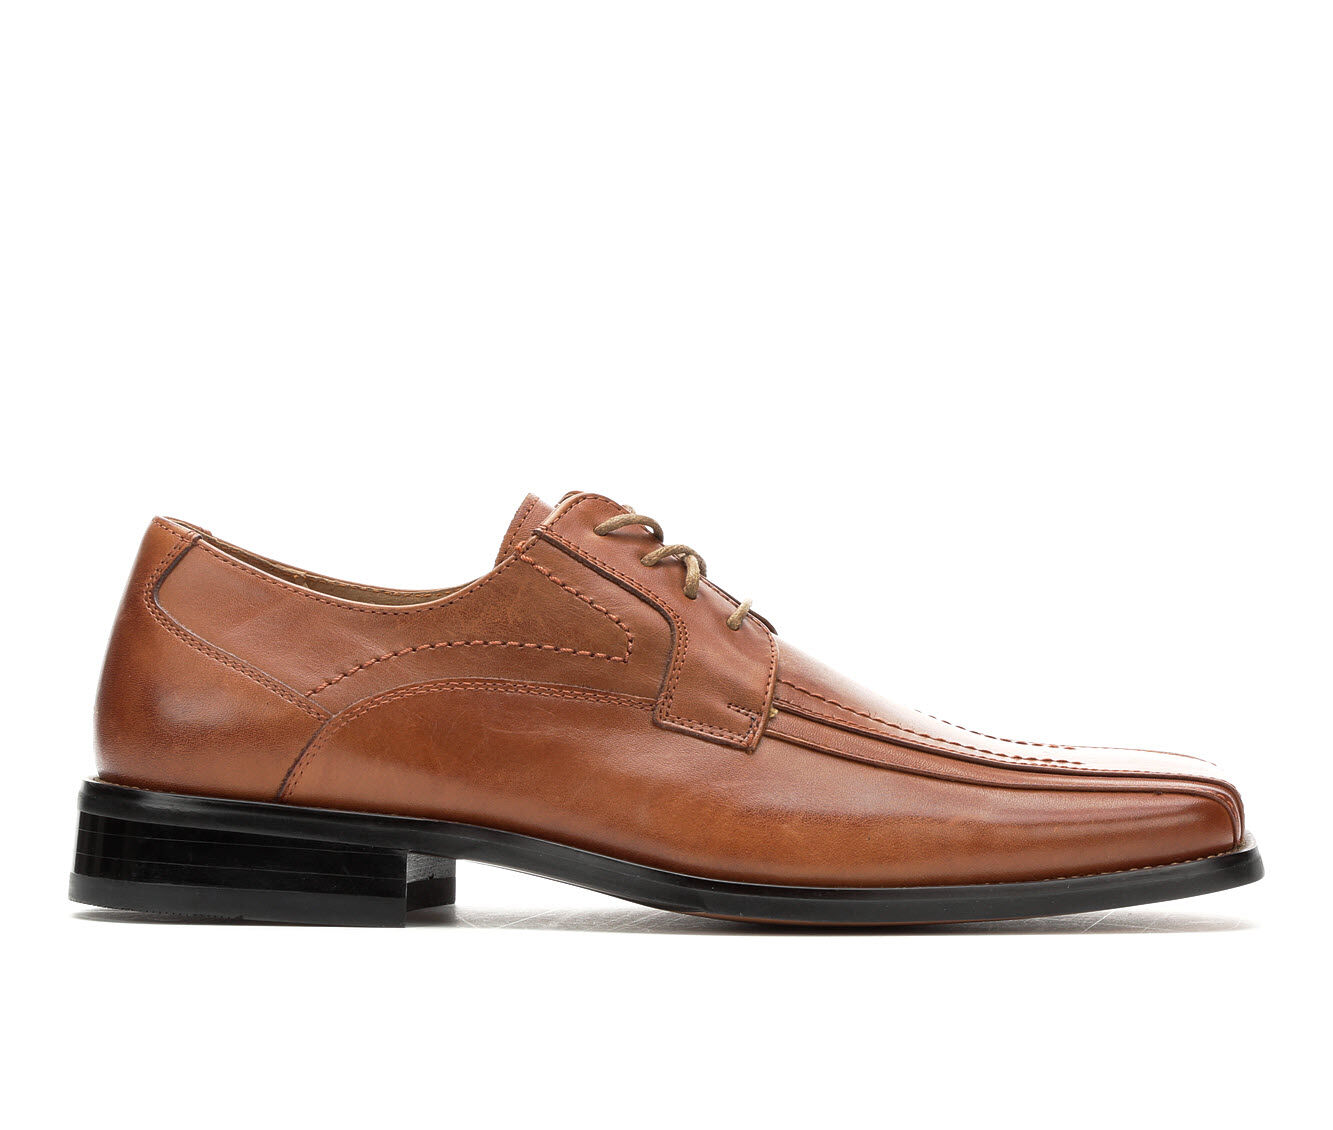 Men's Stacy Adams Corrado Dress Shoes Cognac